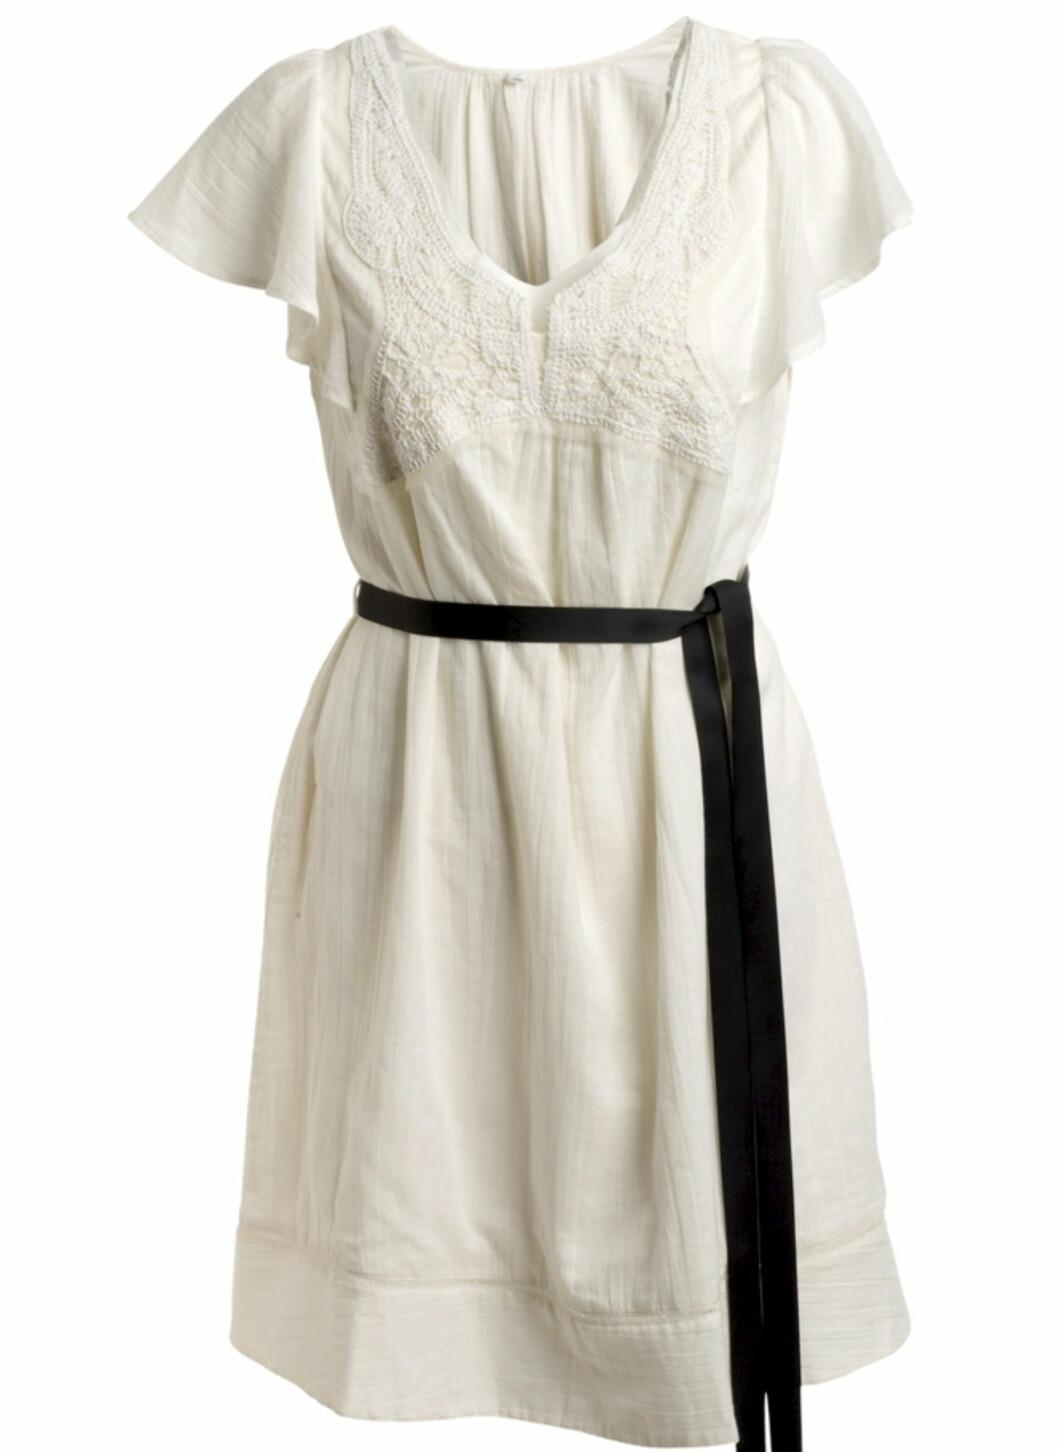 Hvit kjole med blondedetaljer og svart sløyfebånd i livet i 100 prosent bomull (kr.349/Ellos.no). Bytt gjerne ut båndet med et naturbrunt, smalt belte for variasjon. Foto: Produsenten